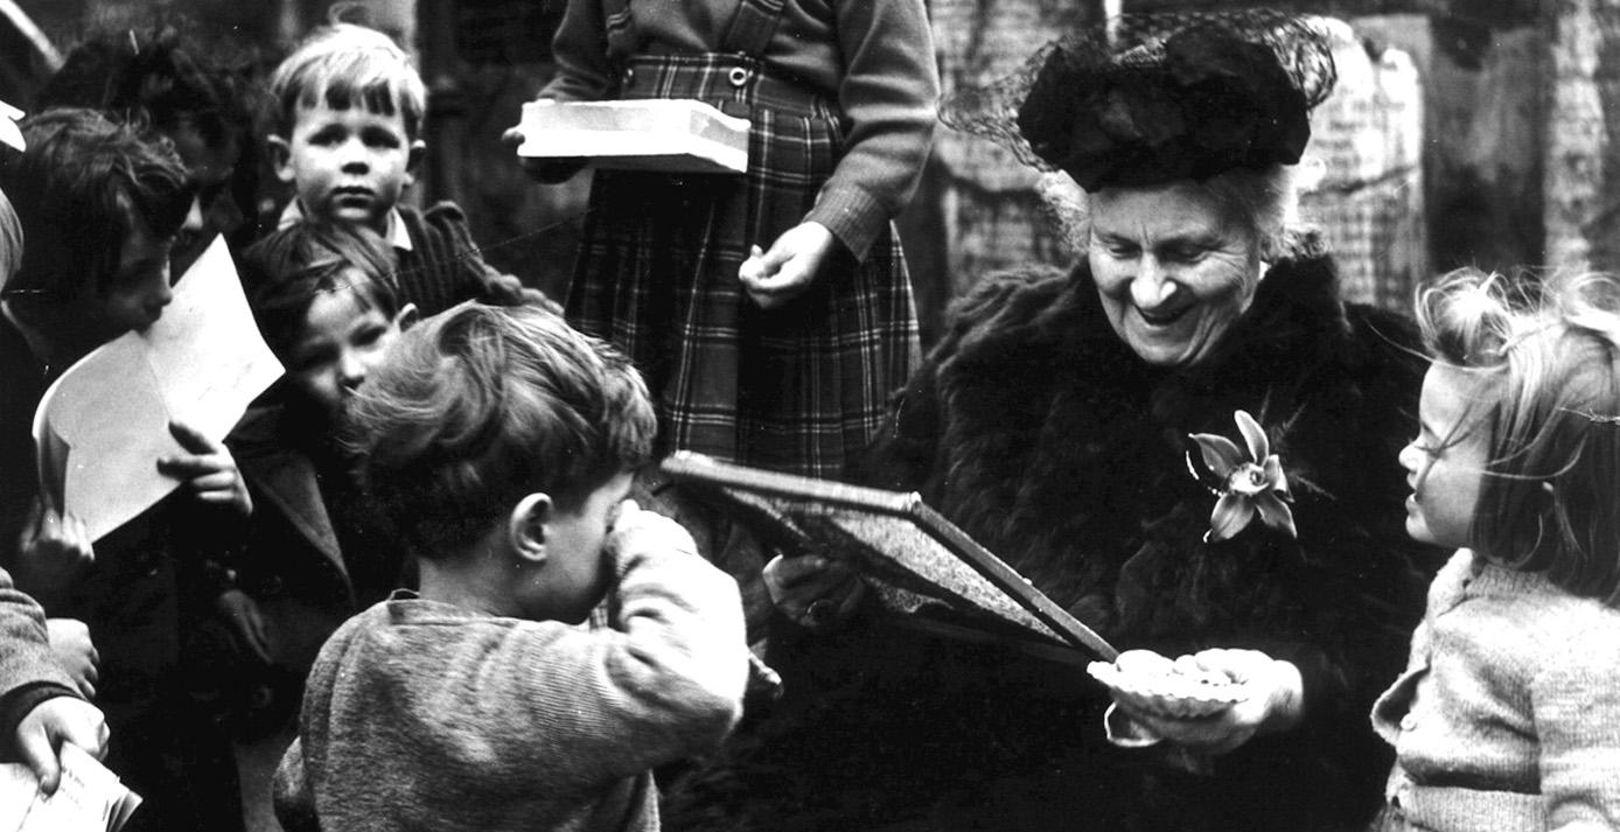 Итальянский врач и педагог Мария Монтессори: мать-кукушка или жертва эпохи?